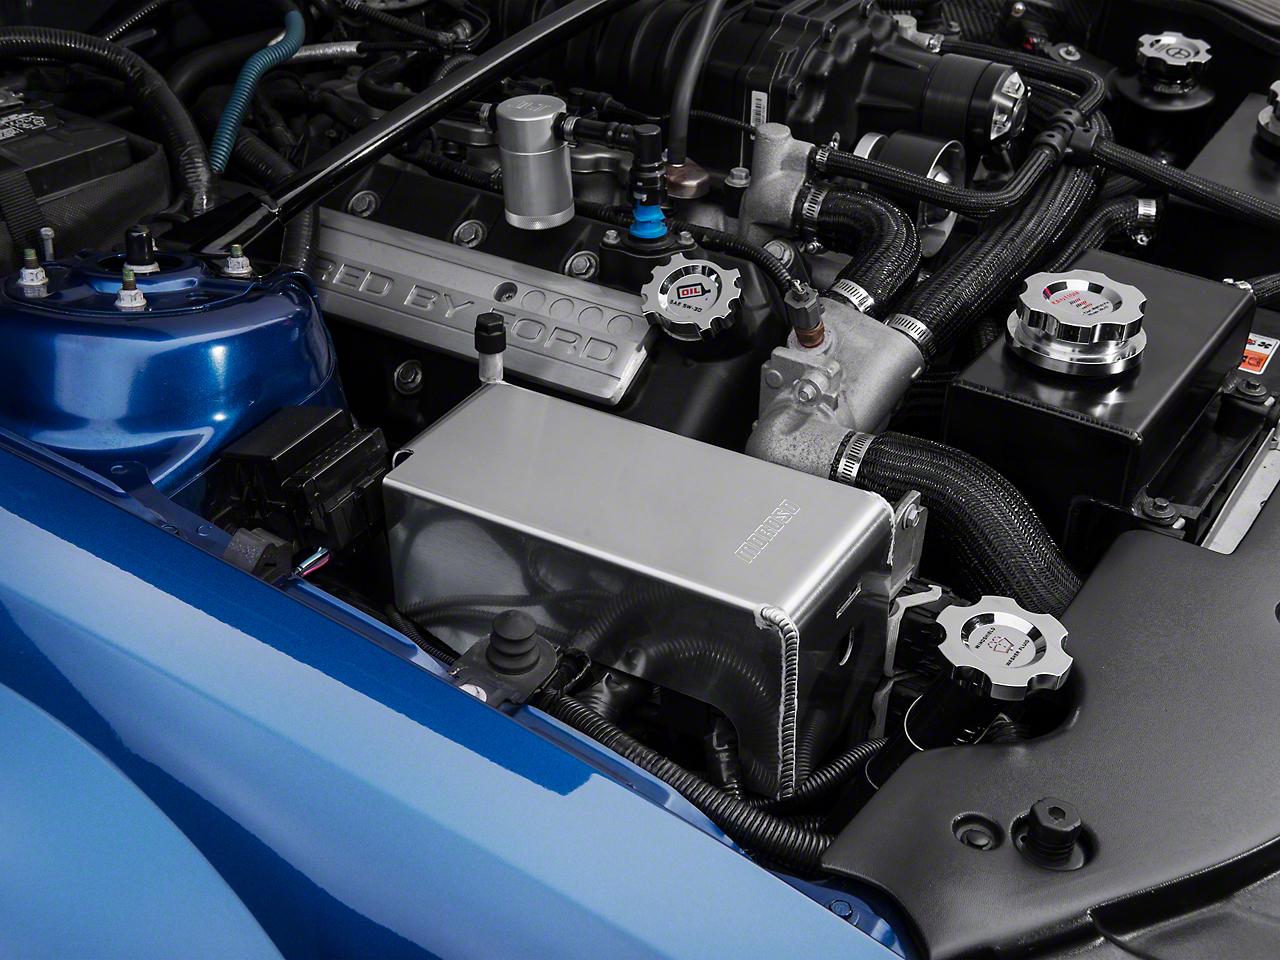 Moroso Fuse Box Cover (07-09 GT500)